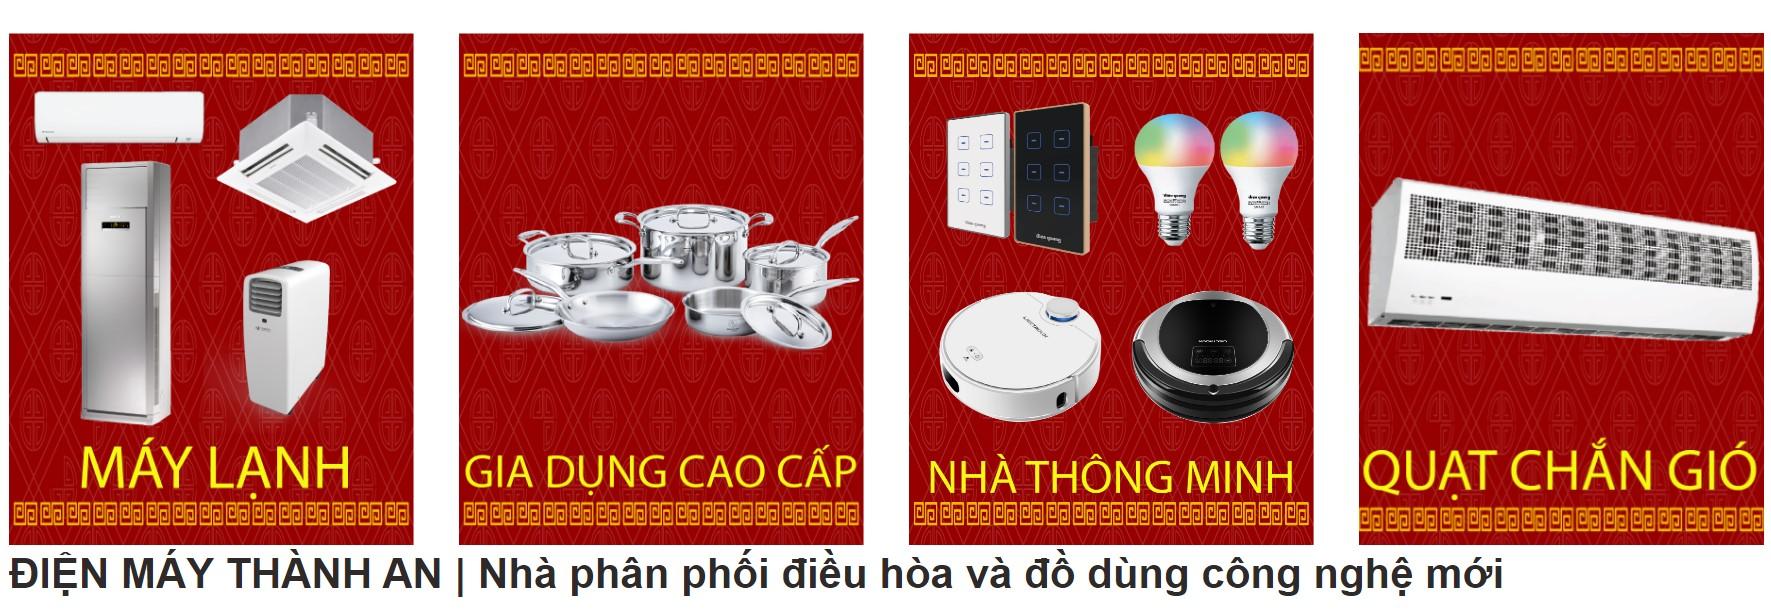 Điện Máy Thanh An HCM